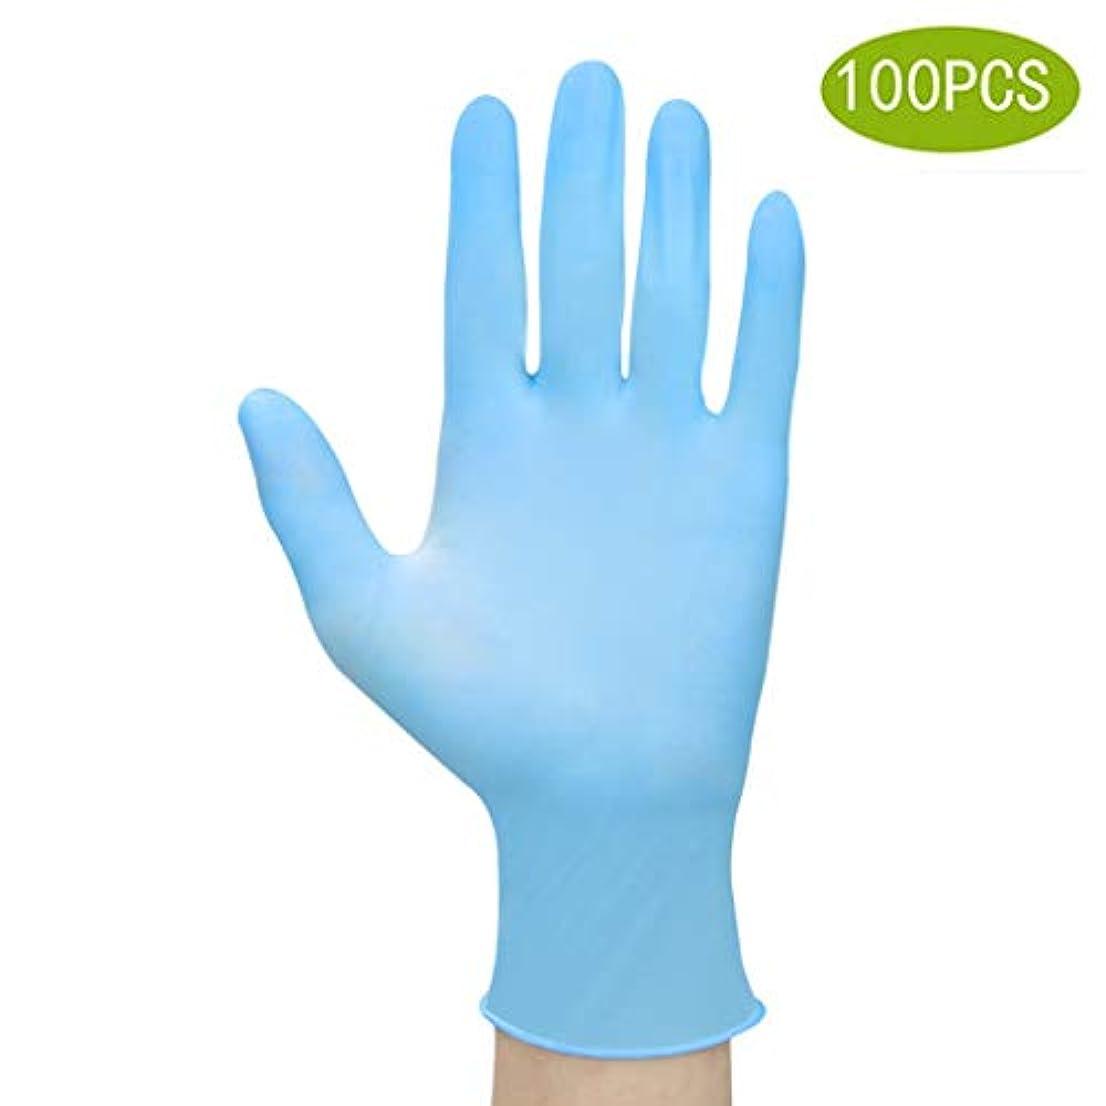 時スプリット動脈応急処置用品クリーンルーム、クラスニトリル手袋、長さ12